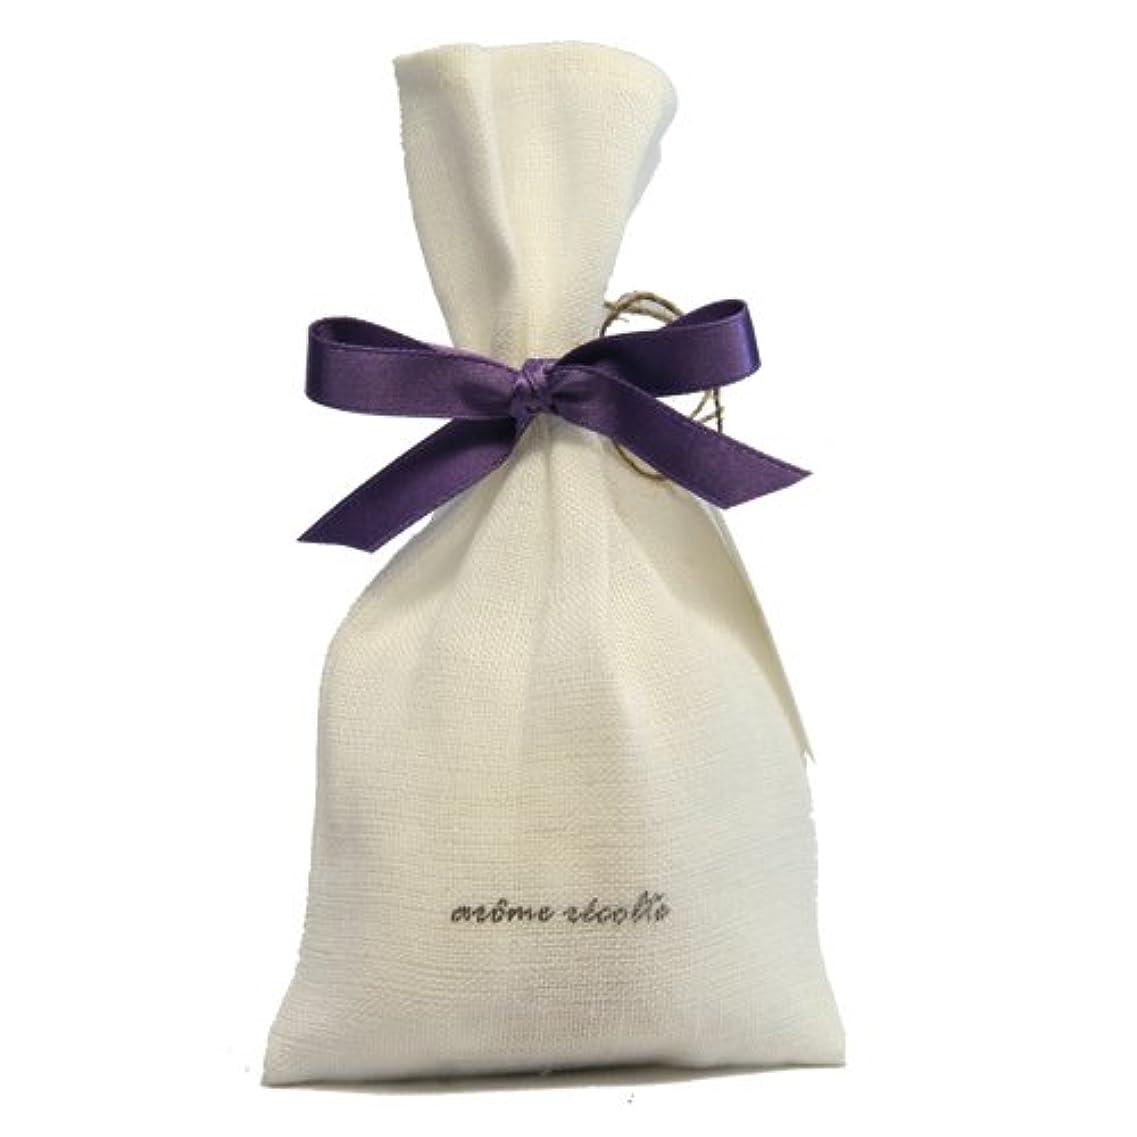 のためにファイナンス後ろ、背後、背面(部アロマレコルト ナチュラルサシェ(香り袋) フローラル【Floral】 arome rcolte